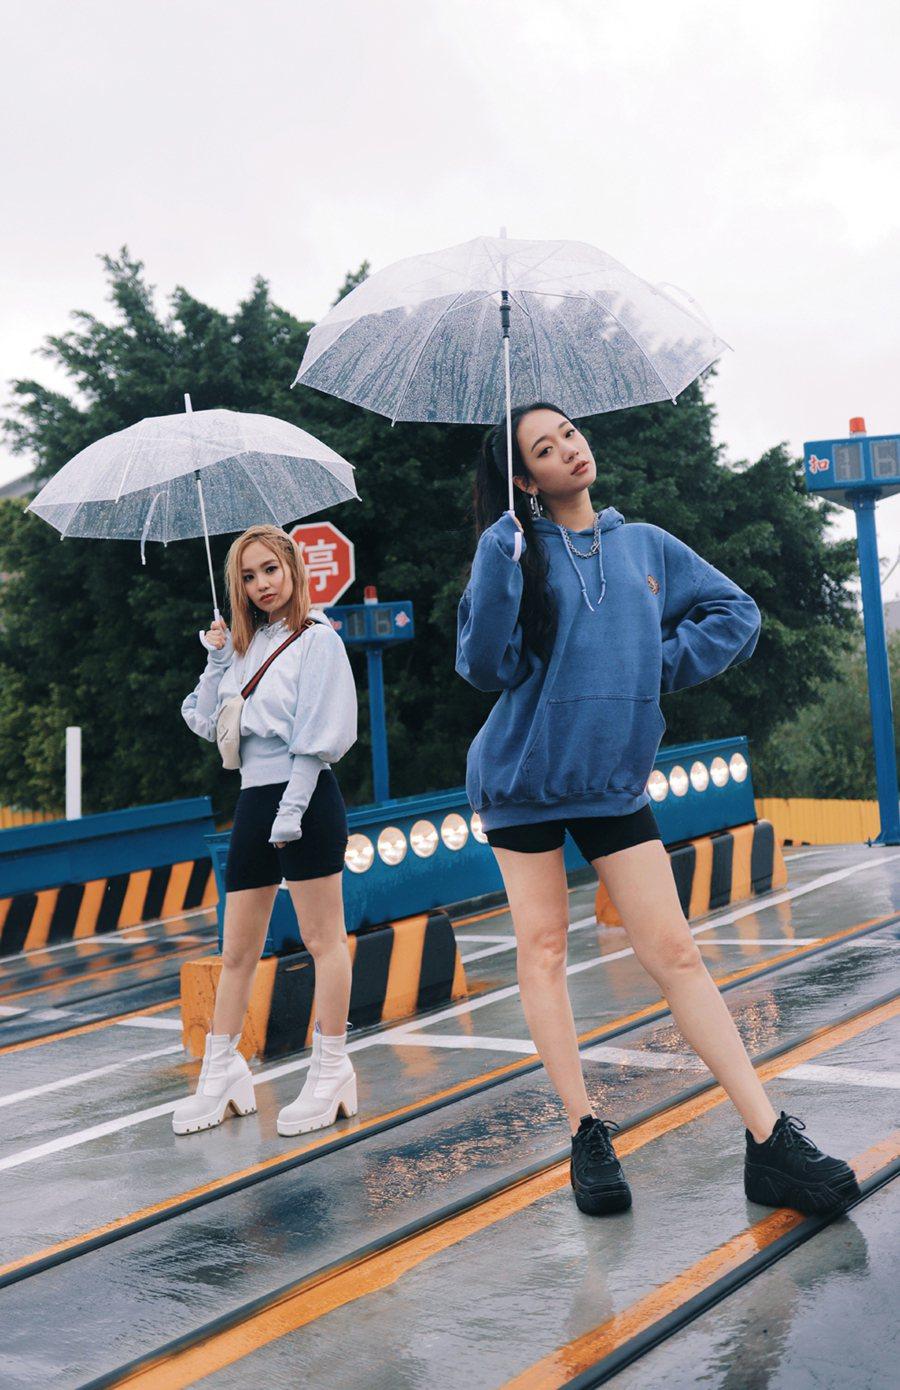 吳卓源(右)邀相識多年的陳芳語高唱友情萬歲。圖/華風數位提供